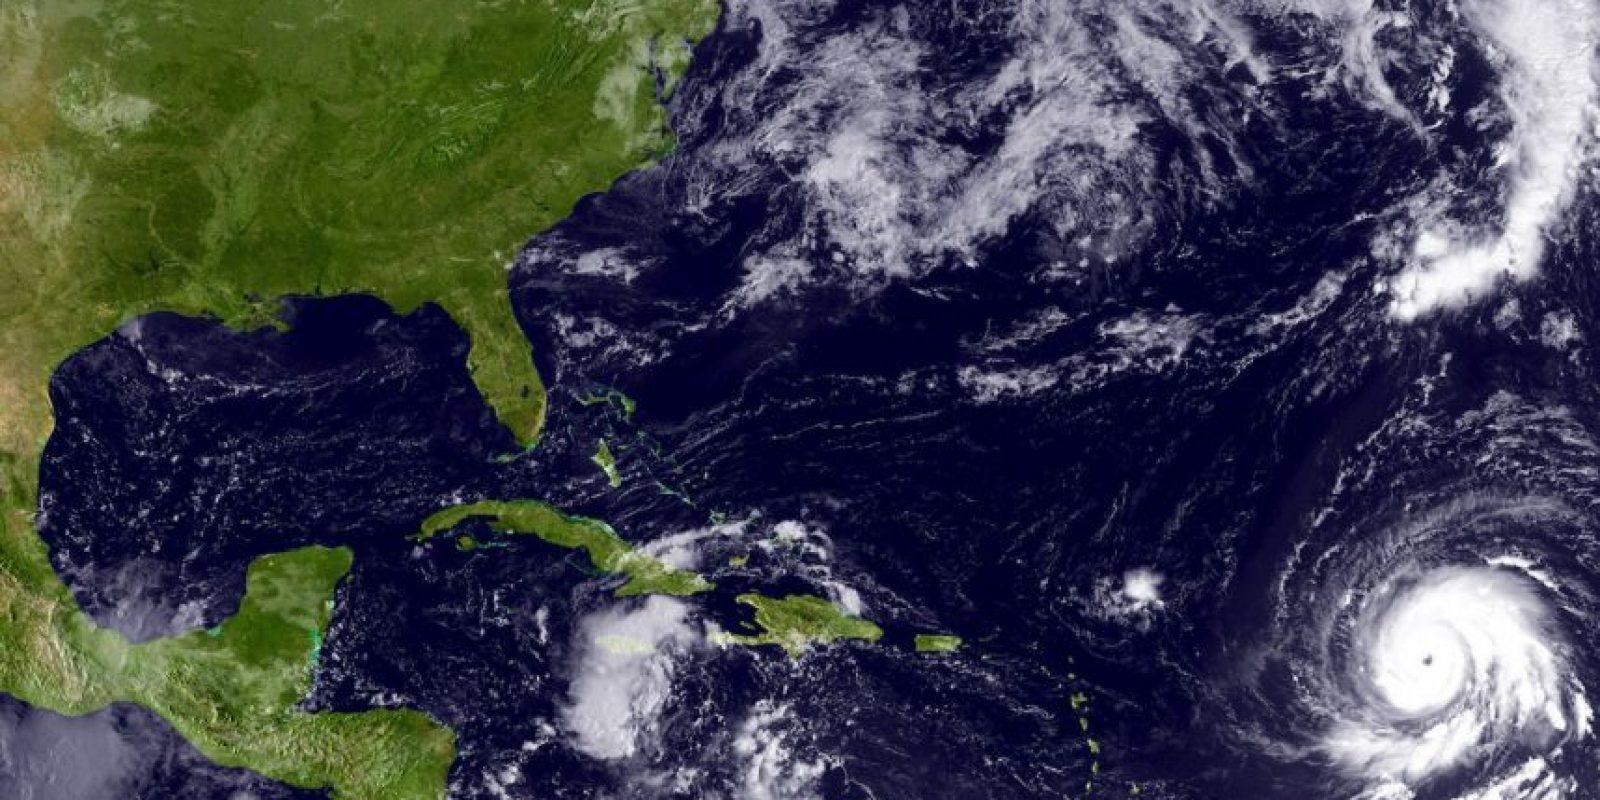 En septiembre de 2010, Igor fue considerado uno de los más grandes huracanes en cuanto a tamaño de su centro con mil 480 kilómetros de diámetro. Foto:Getty Images